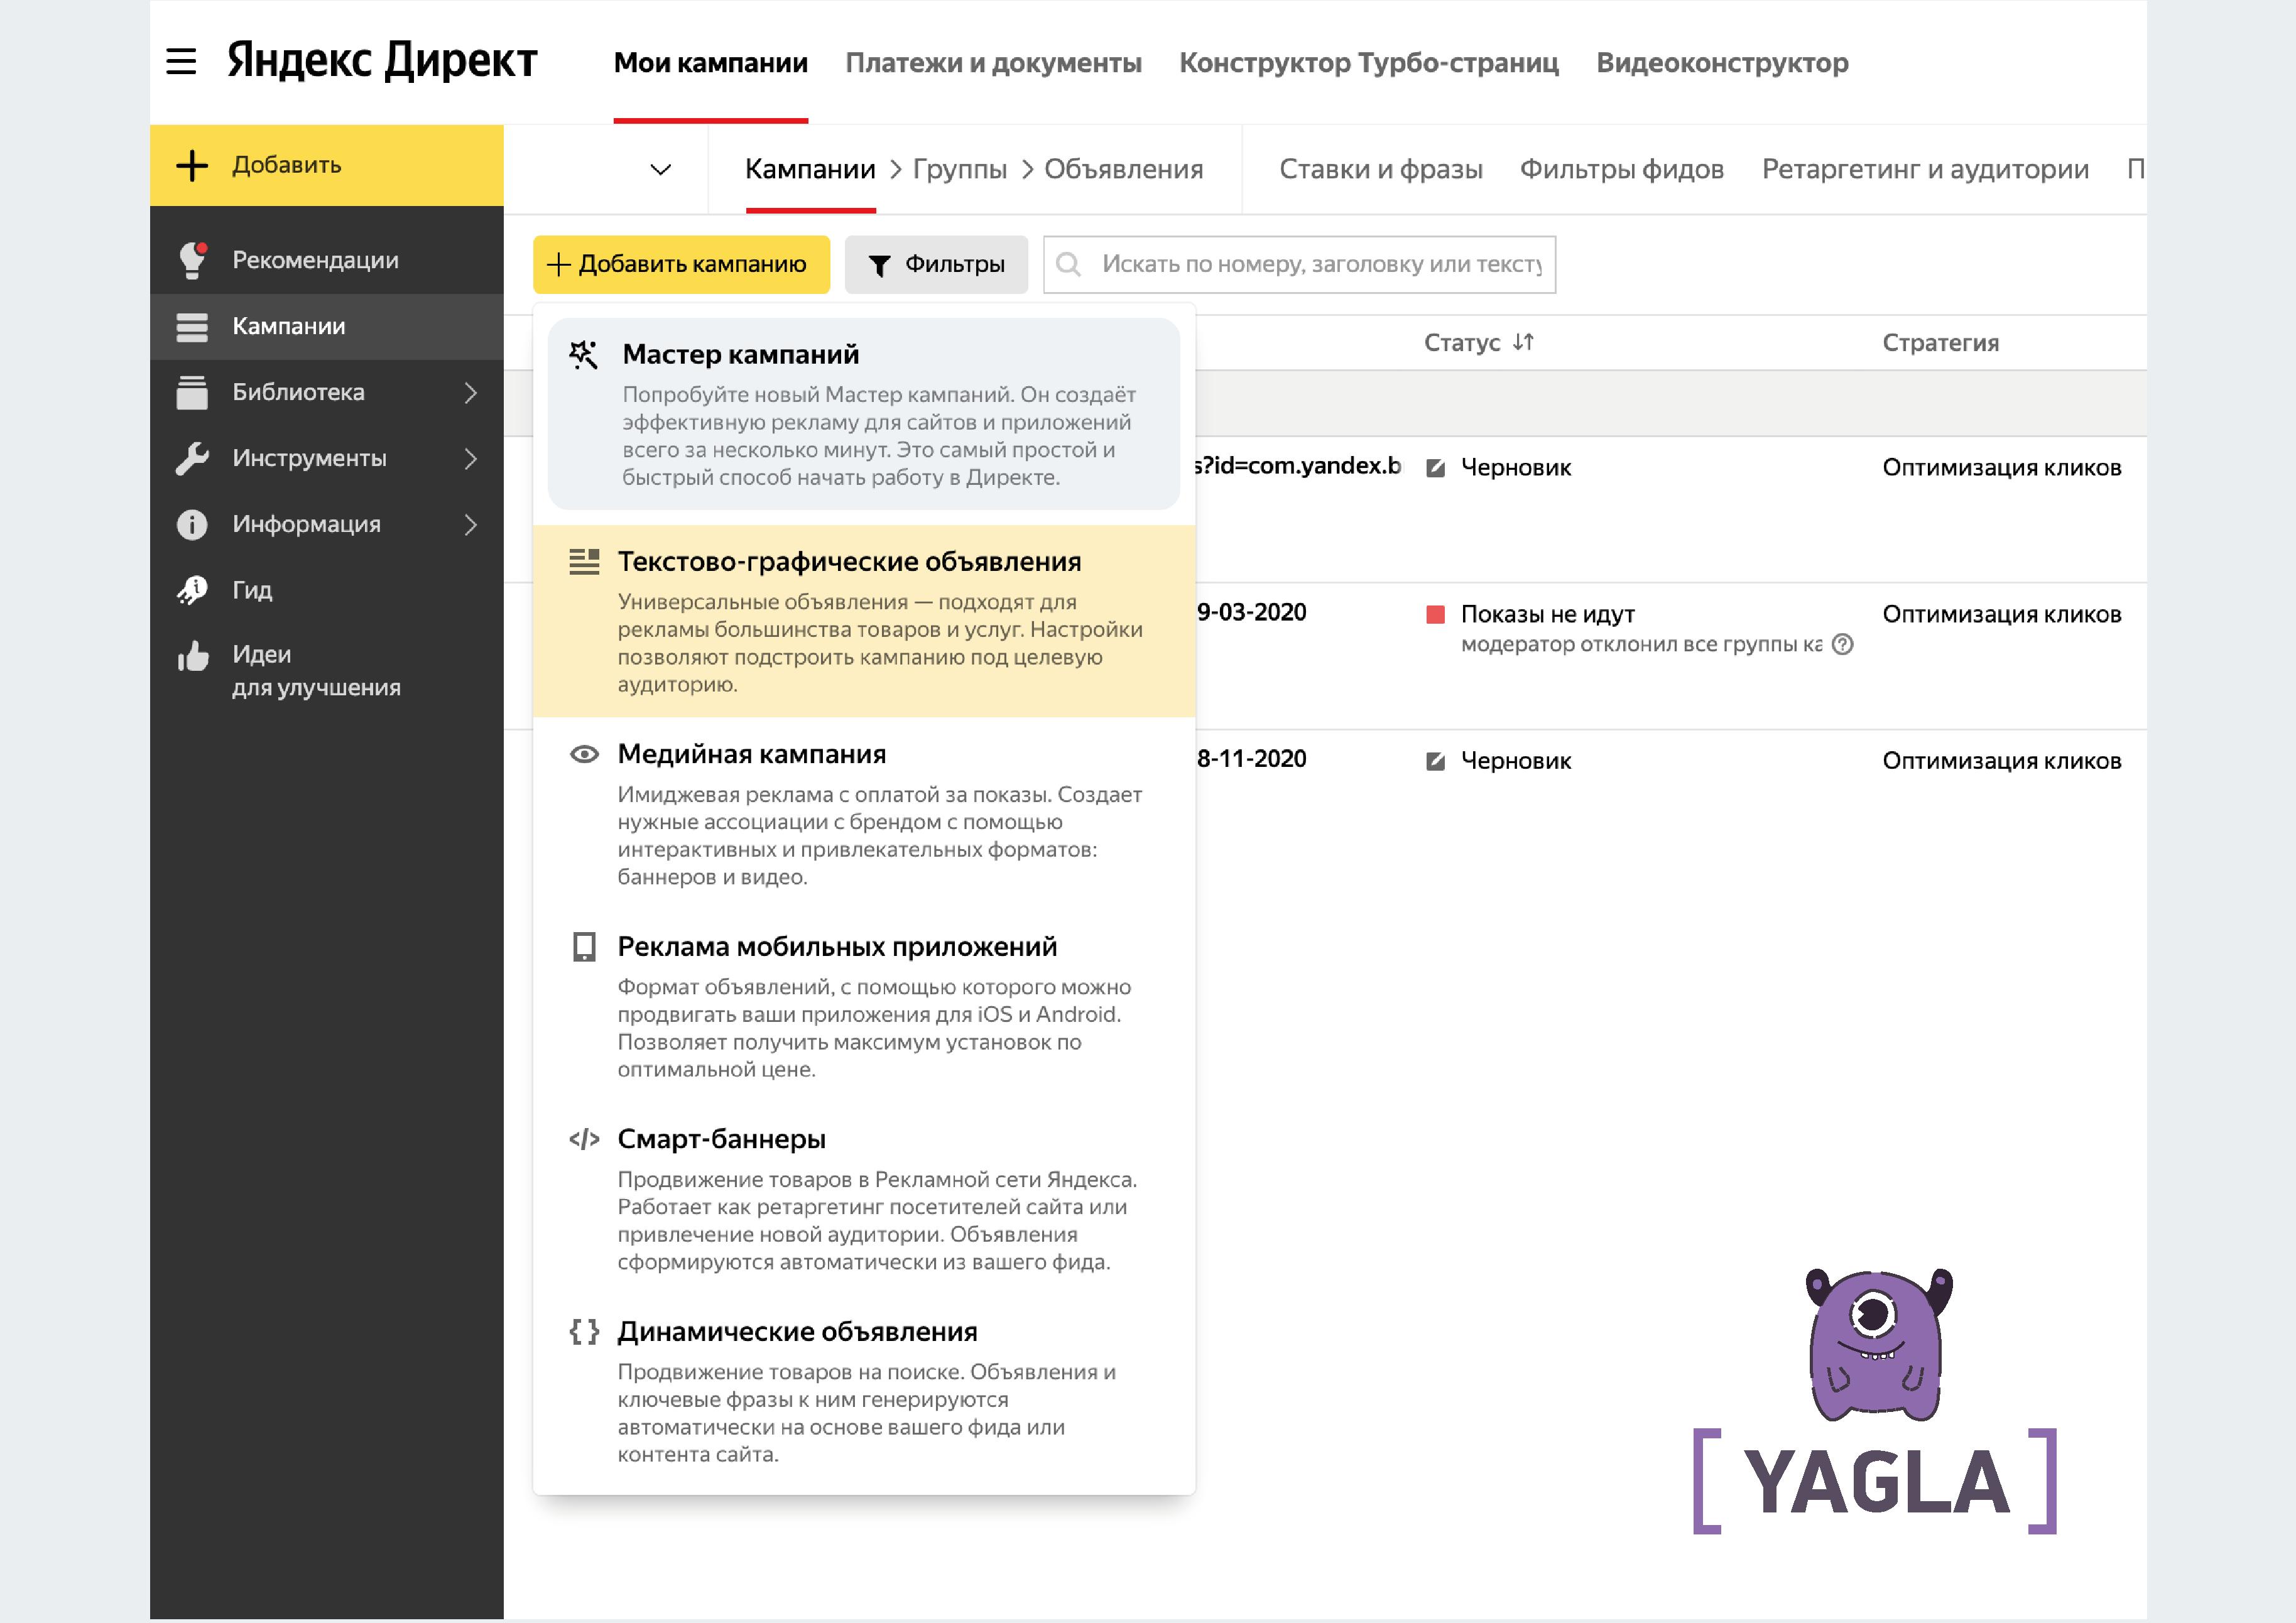 панель настроек в Яндекс.Директ